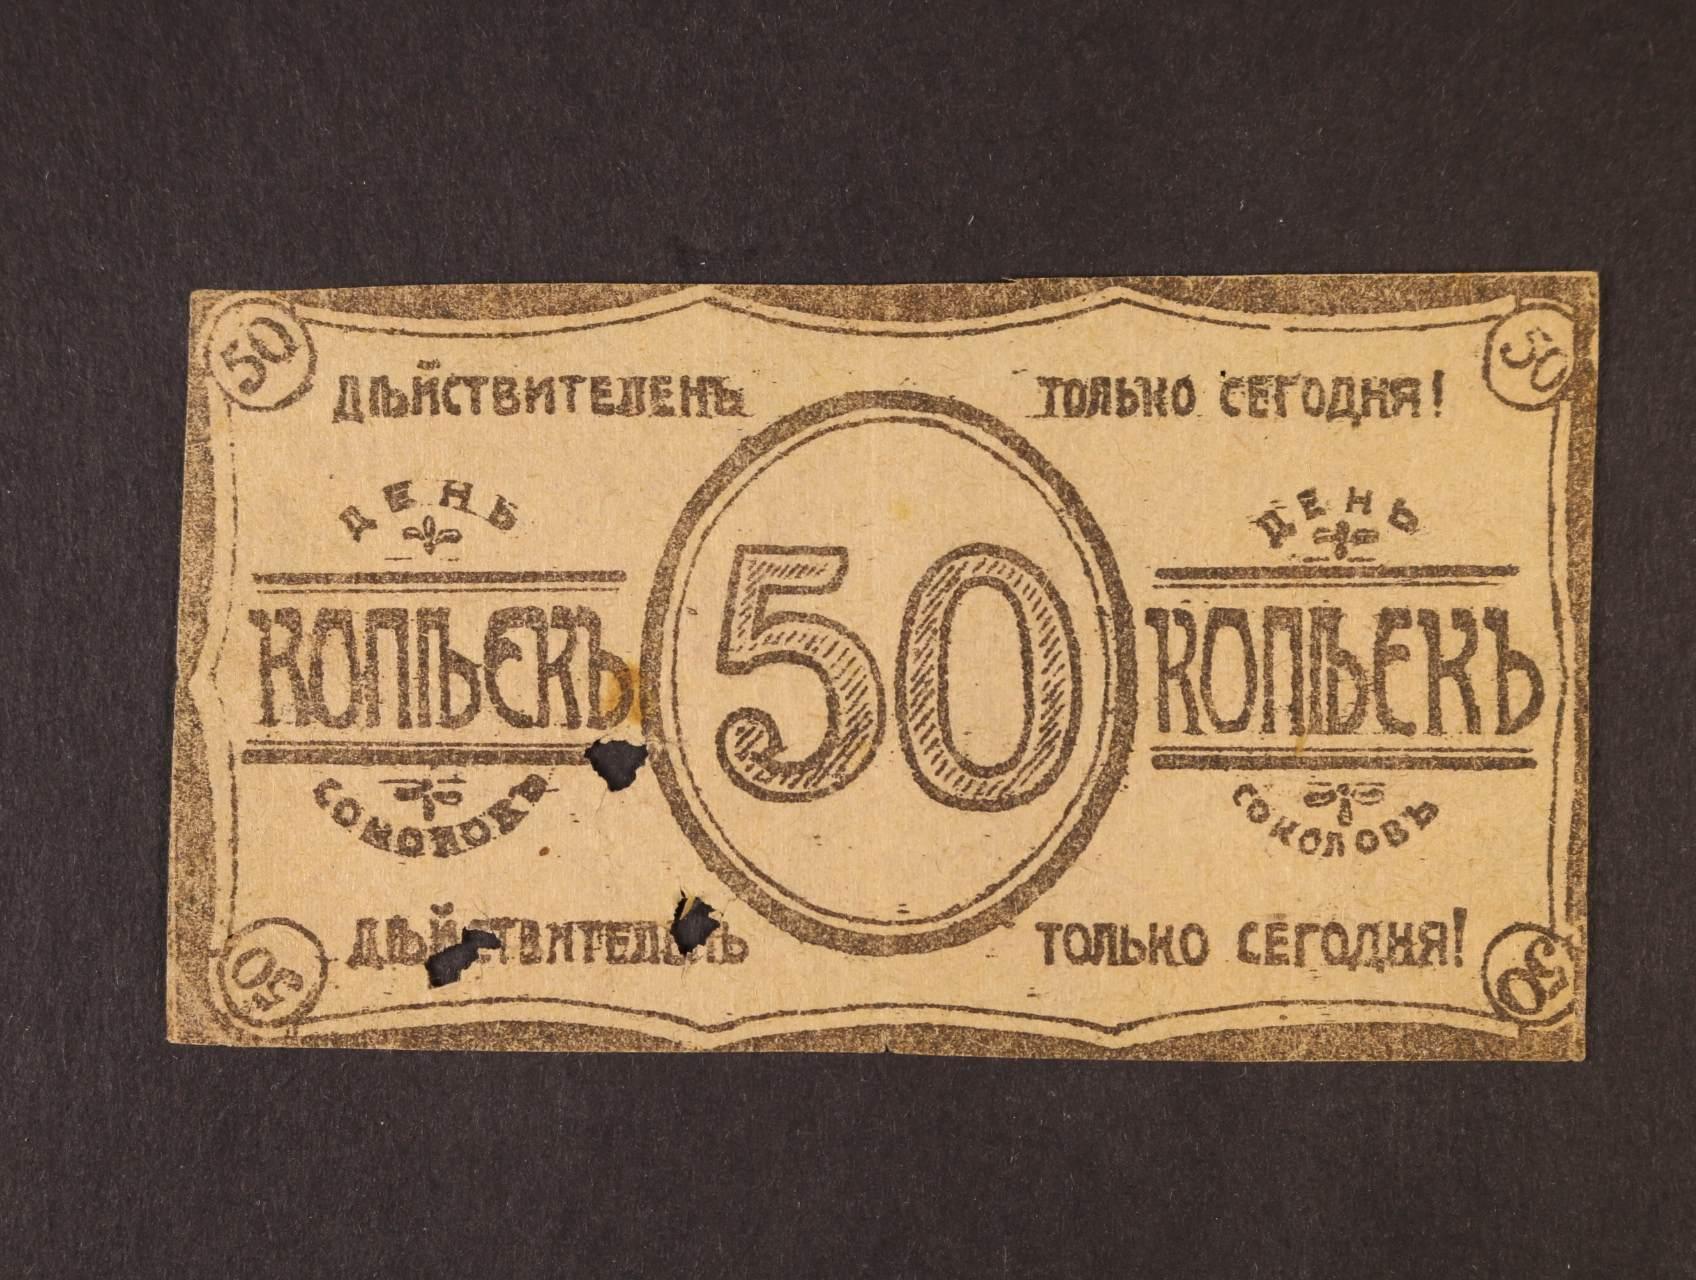 Legionářské poukázky, Irkutsk, Den sokolů 50 Kop. b.d.(1919) platí pouze dnes, perforovaná 3x perf. otvor vlevo